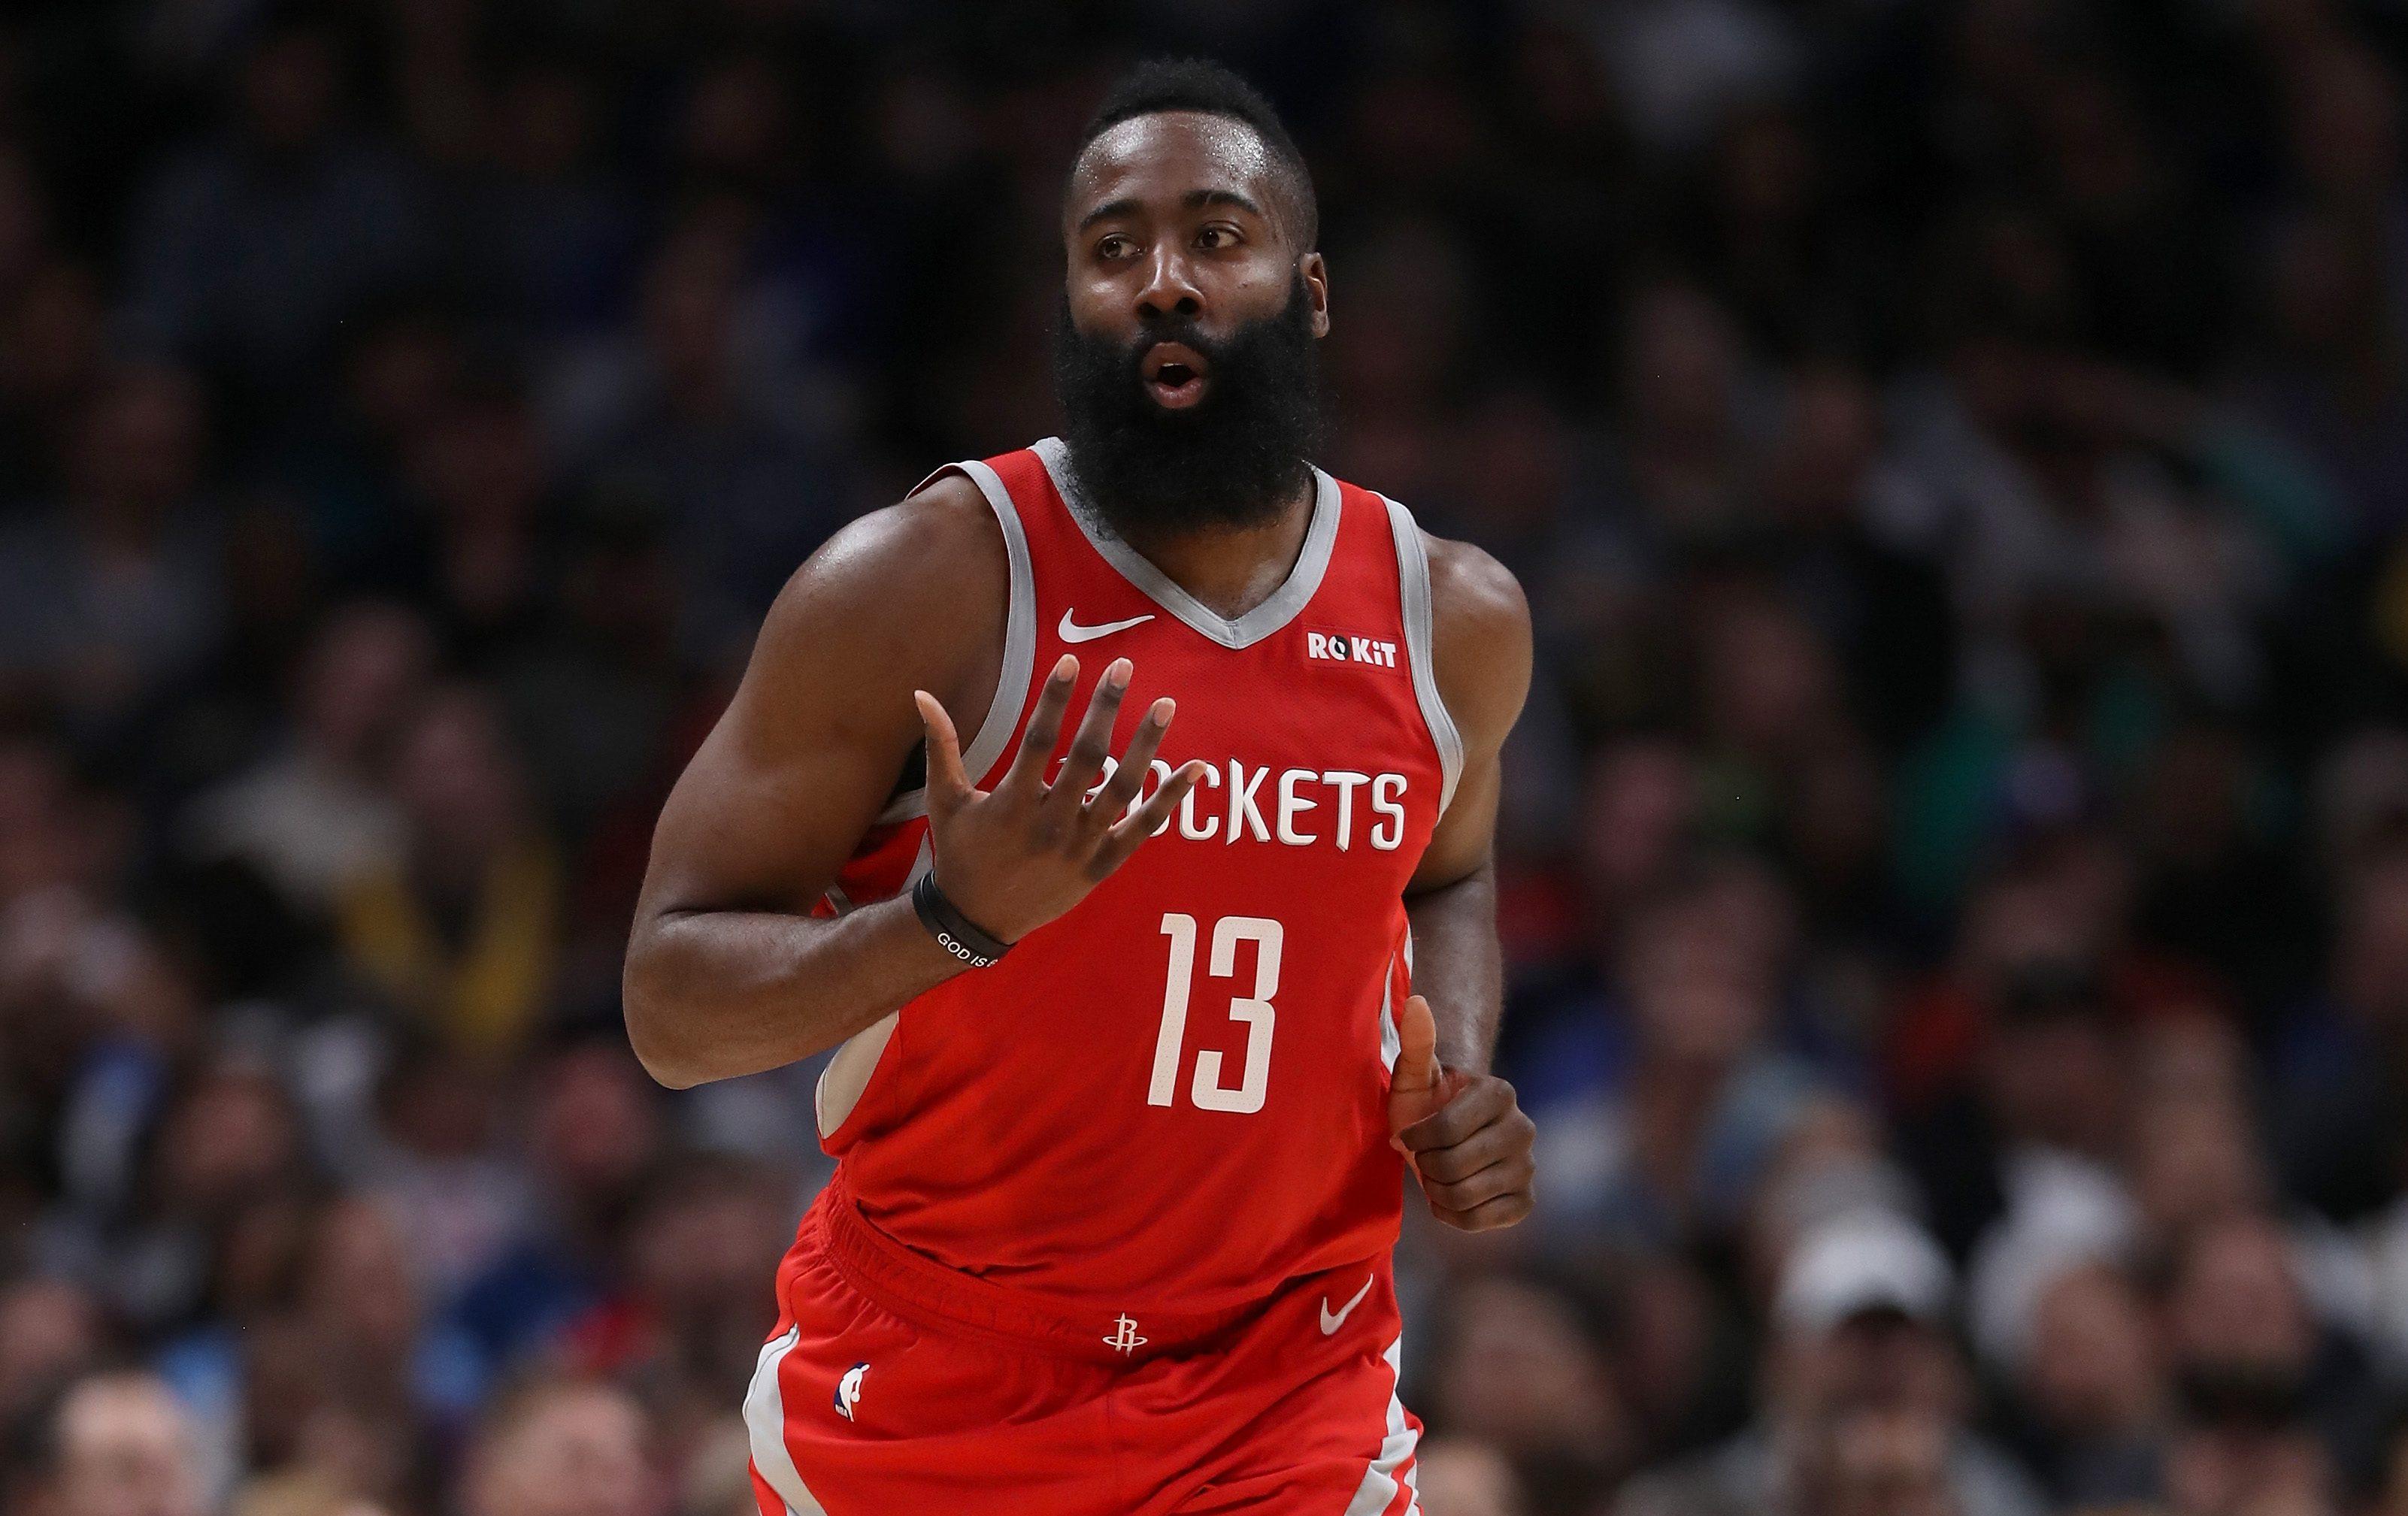 Nba Dfs Top Lineups On Christmas 2020 DraftKings NBA Christmas Day: Top Picks & DFS Lineups | Heavy.com